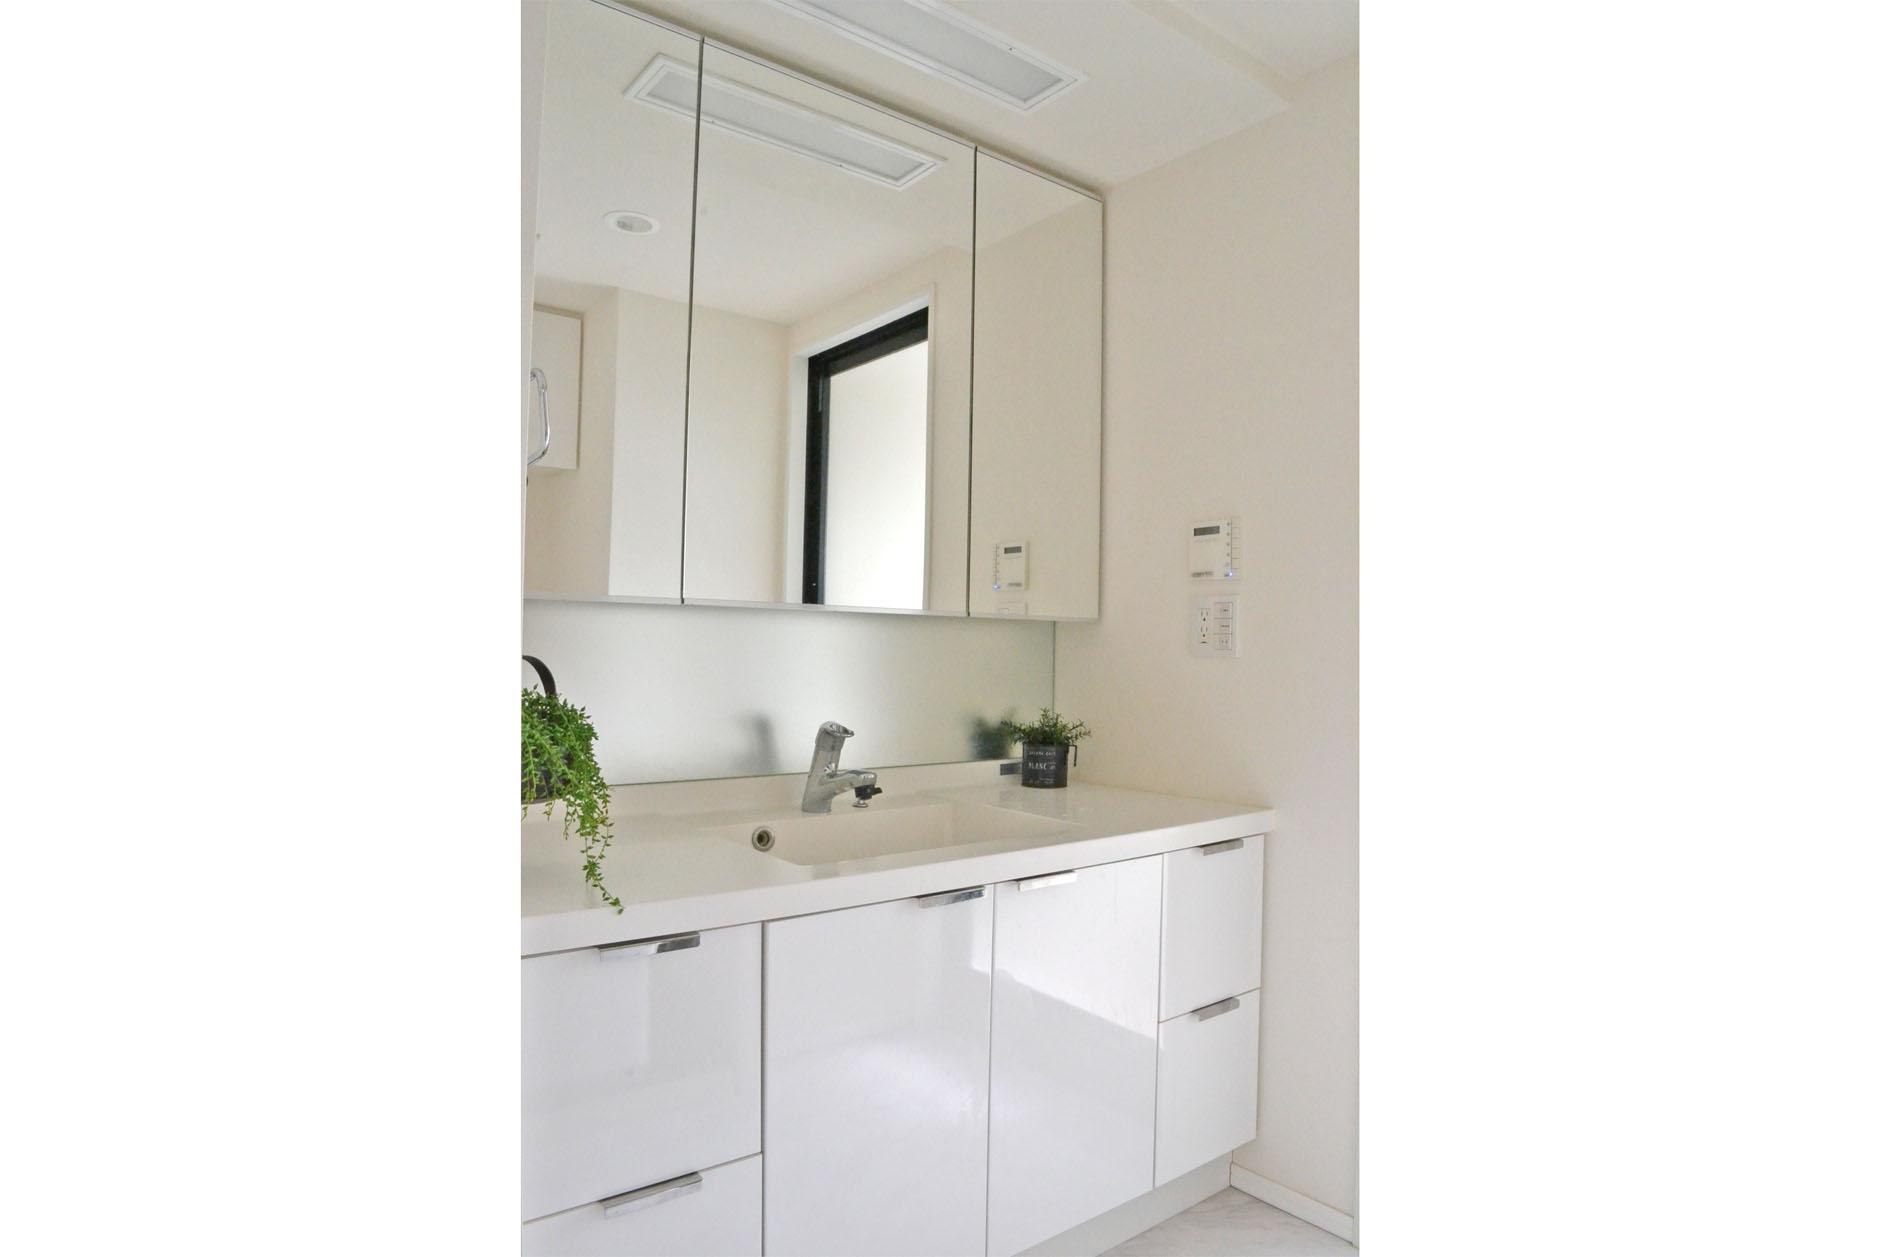 清潔感のある白を基調とした洗面台と高級感のある大理石調床タイル イメージ